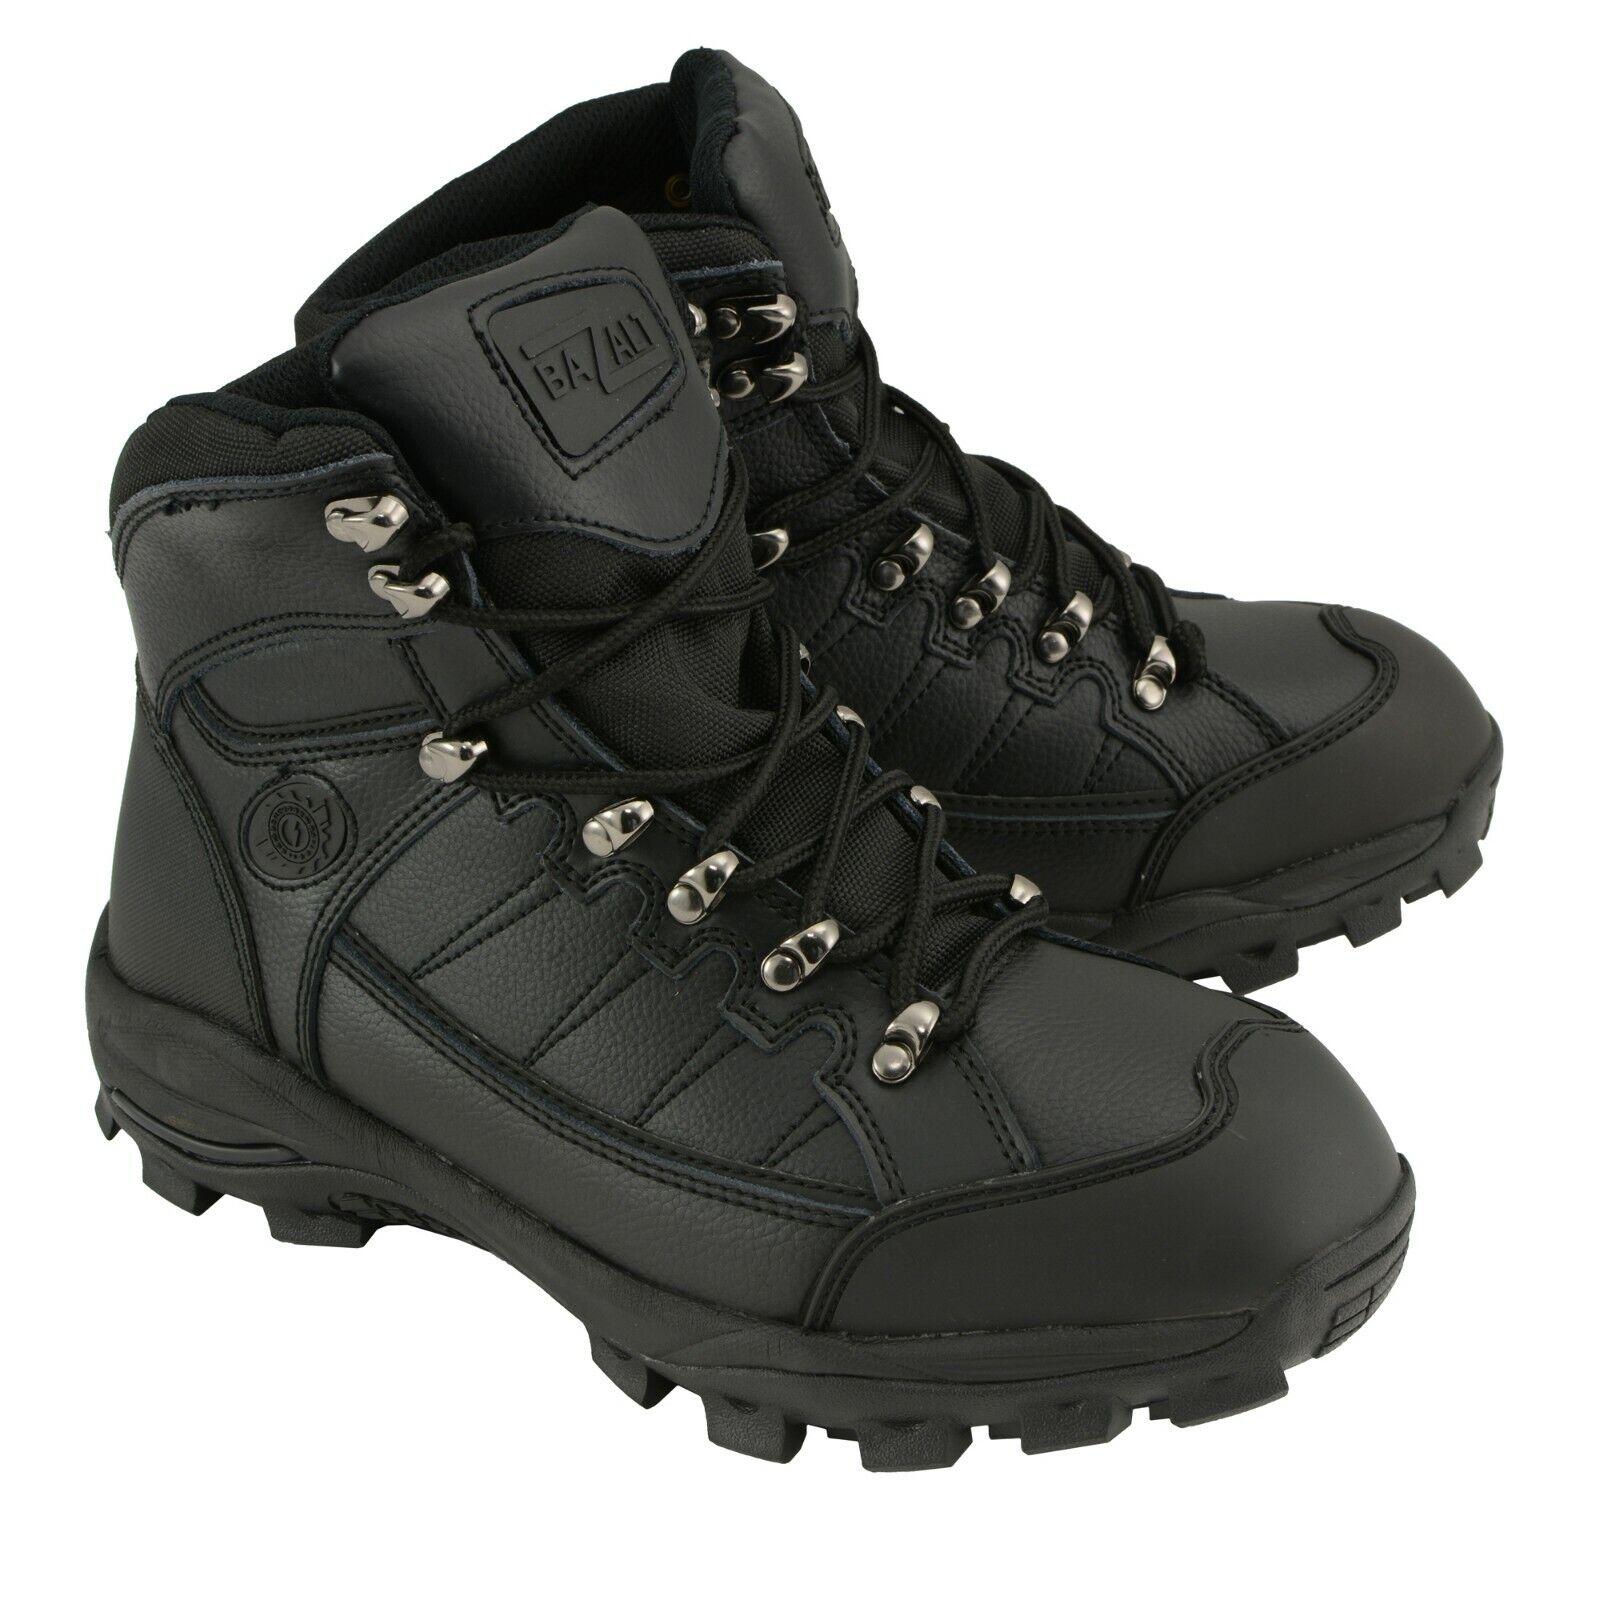 Para Hombre Negro botas De Cuero a Prueba de Agua y las heladas con Composite Toe  MBM9129ST